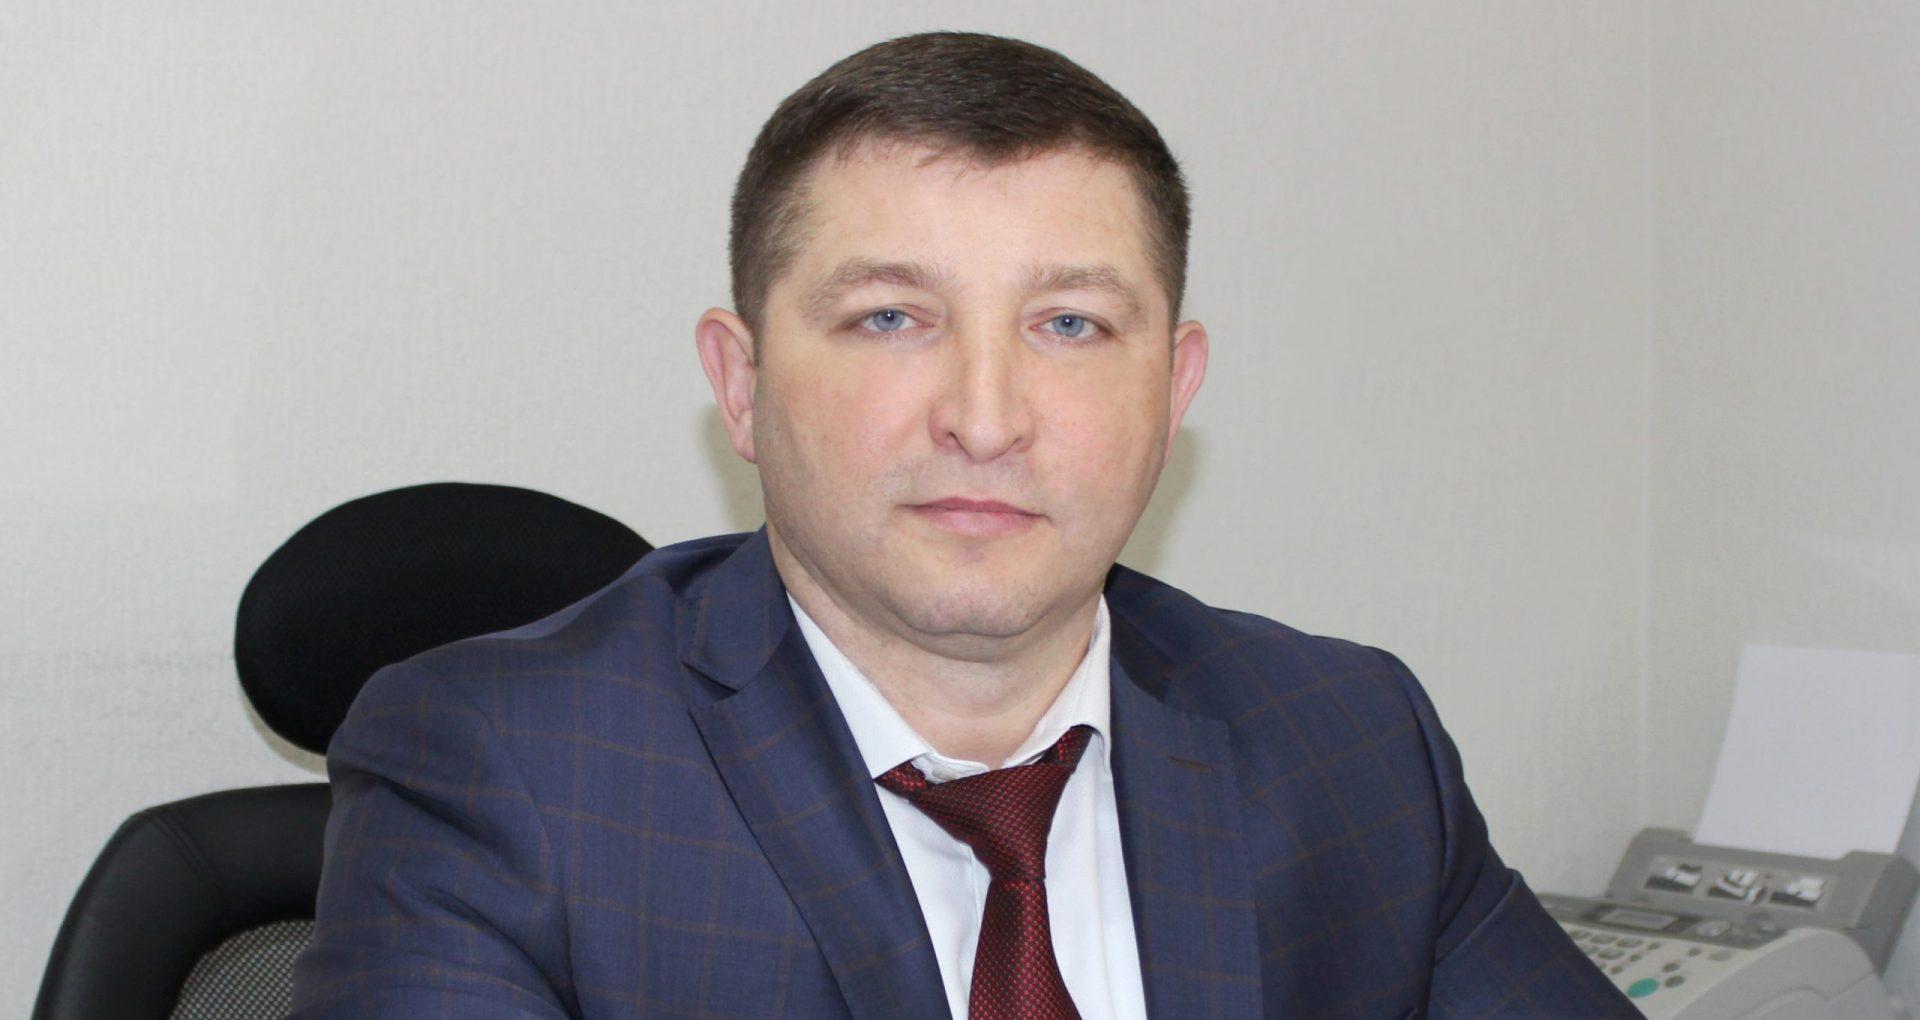 Procurorul de caz a contestat decizia magistraților Judecătoriei Chișinău privind arestul la domiciliu aplicat lui Popov și a solicitat arestul preventiv pe un termen de 30 de zile